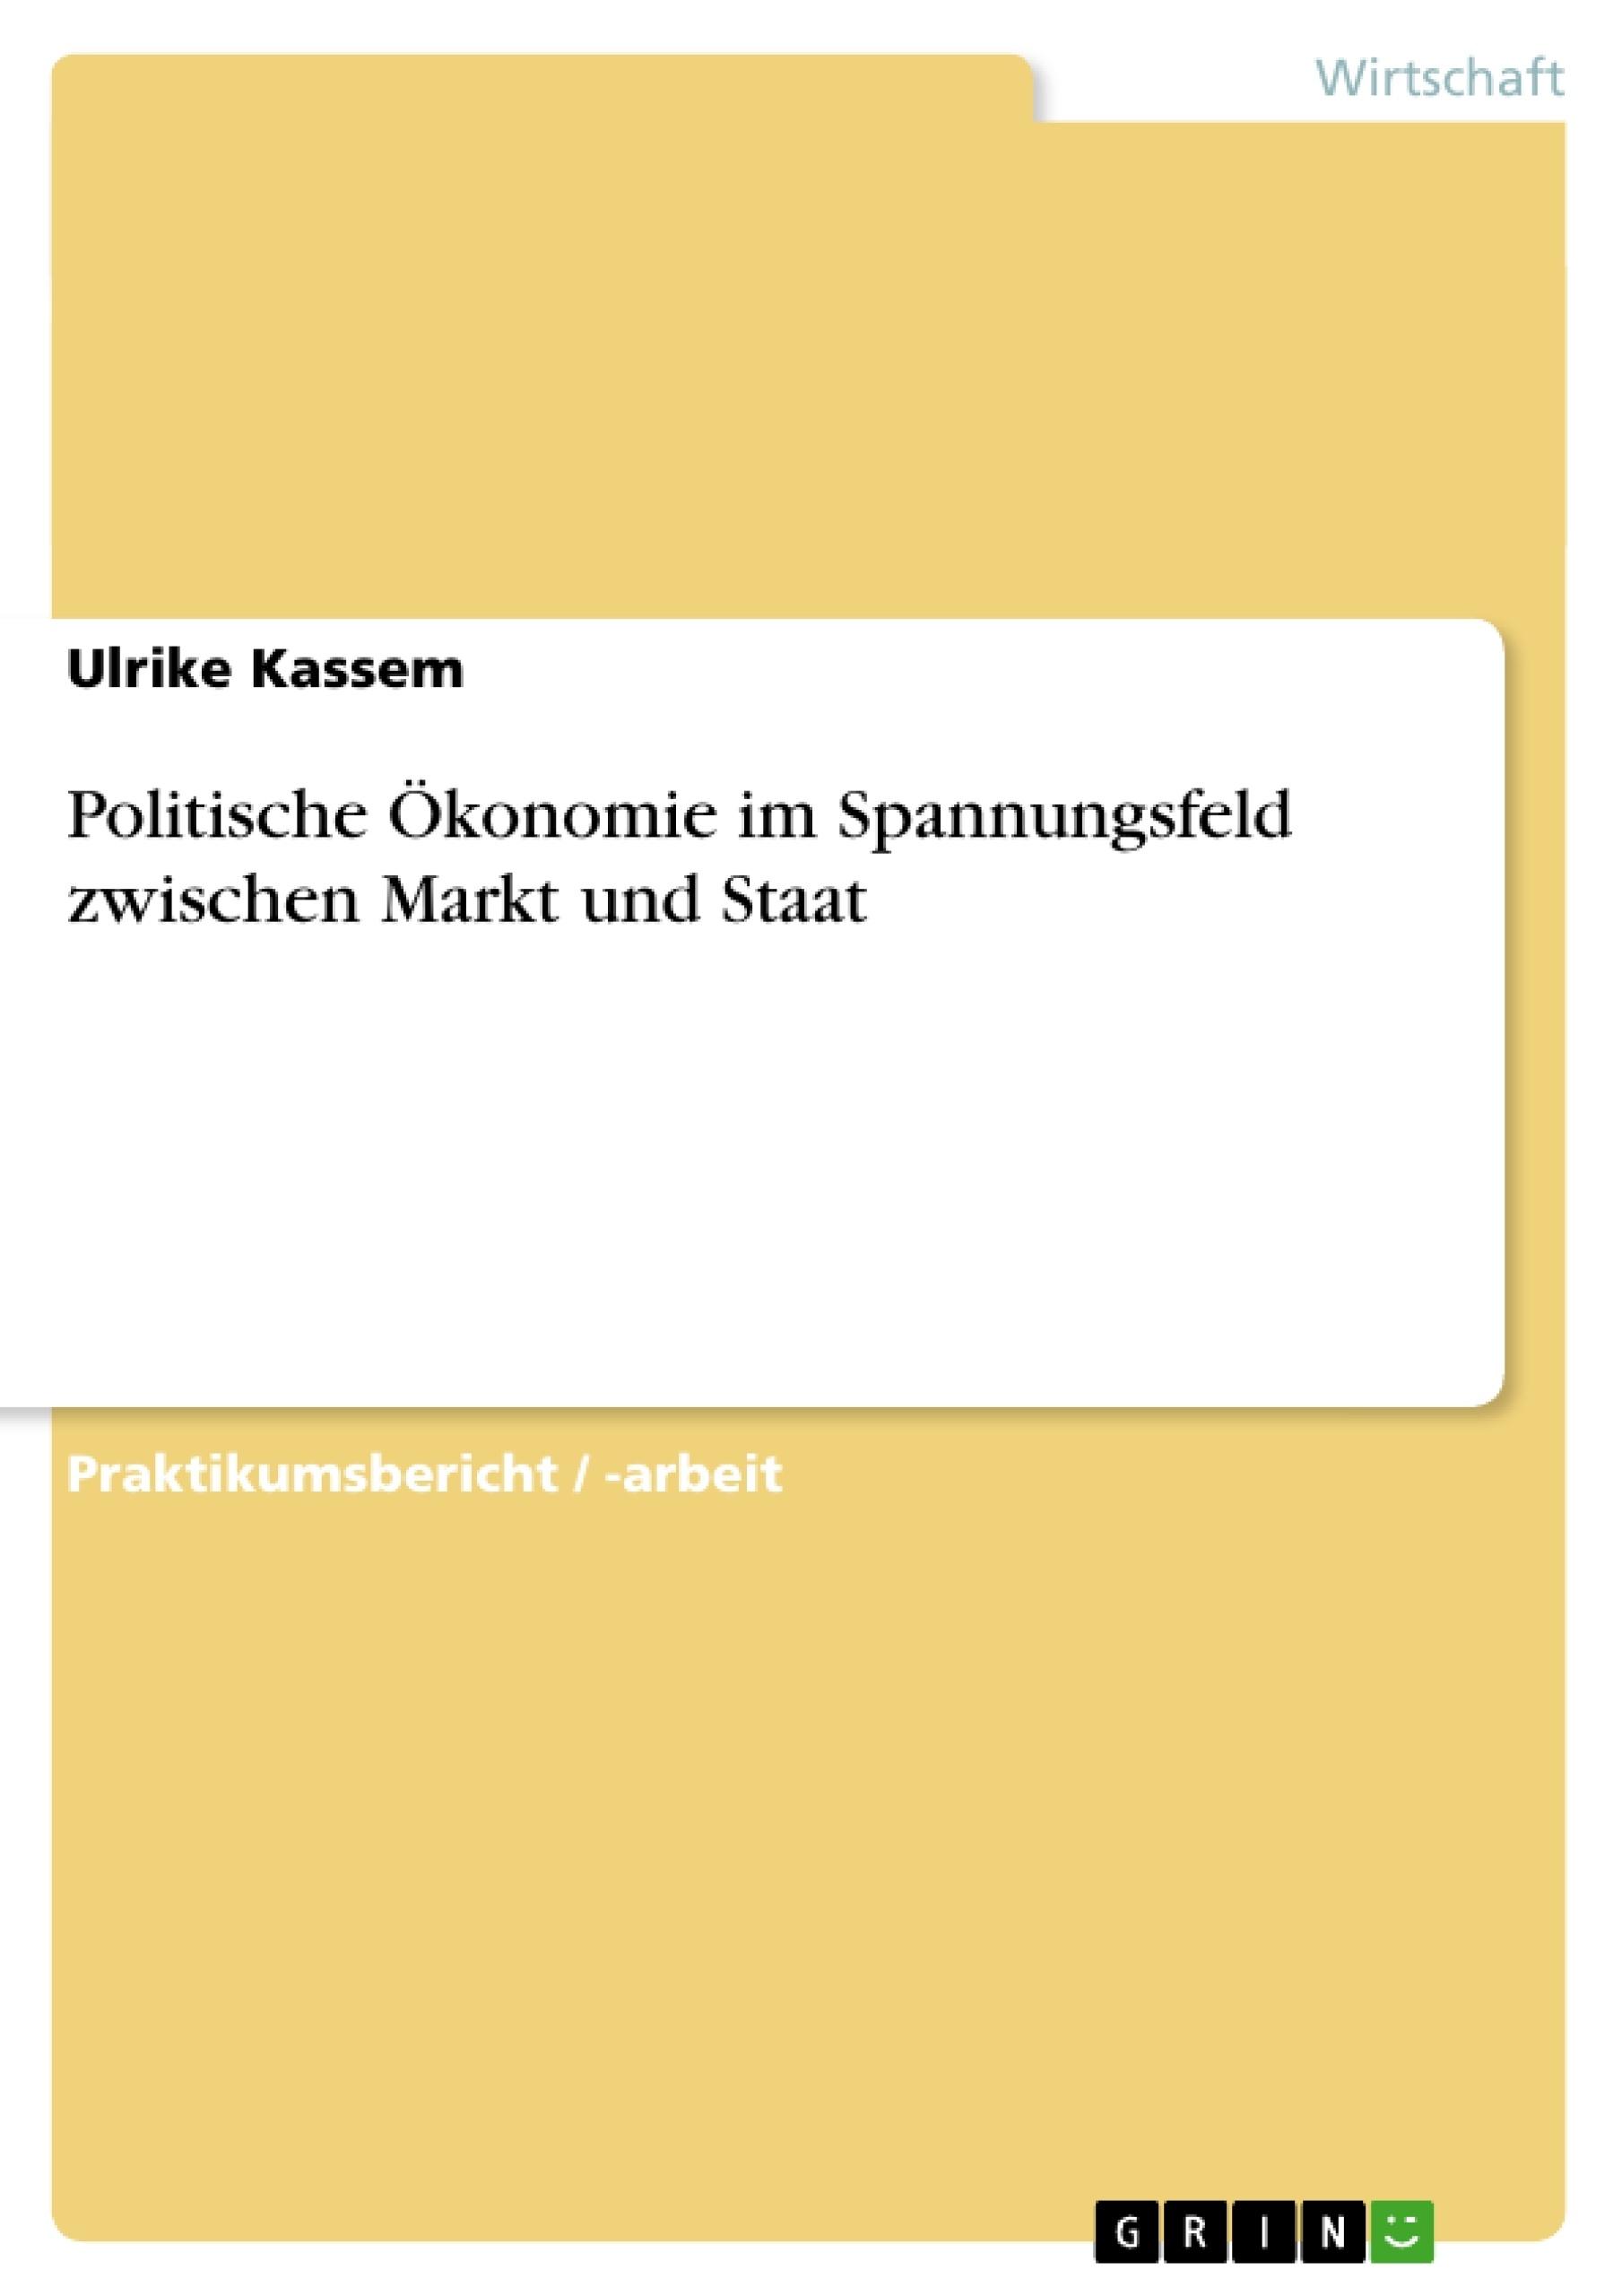 Titel: Politische Ökonomie im Spannungsfeld zwischen Markt und Staat